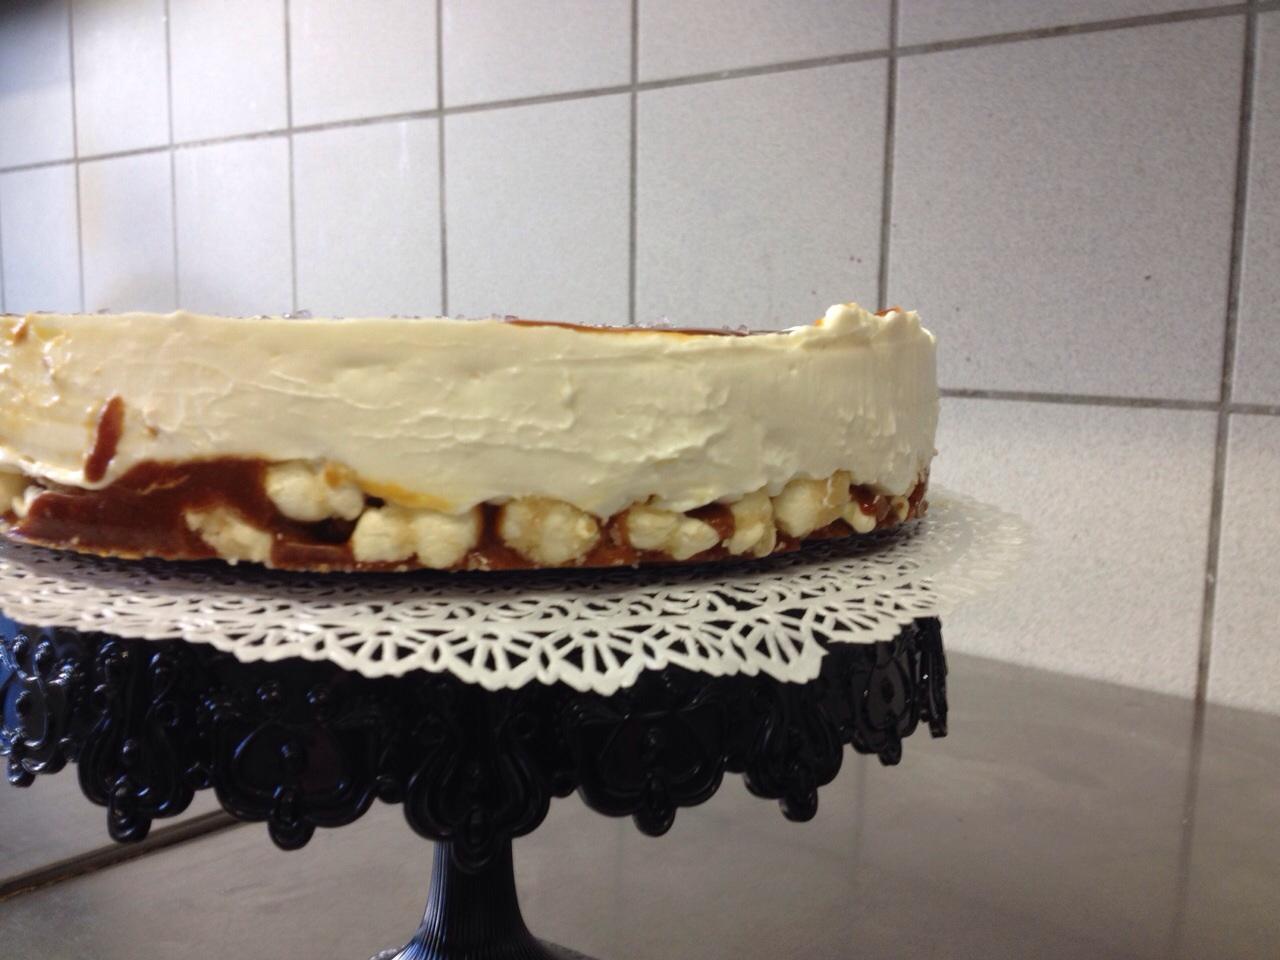 Cheesecake a freddo con base di mais scoppiato caramellato e copertura al caramello salato2